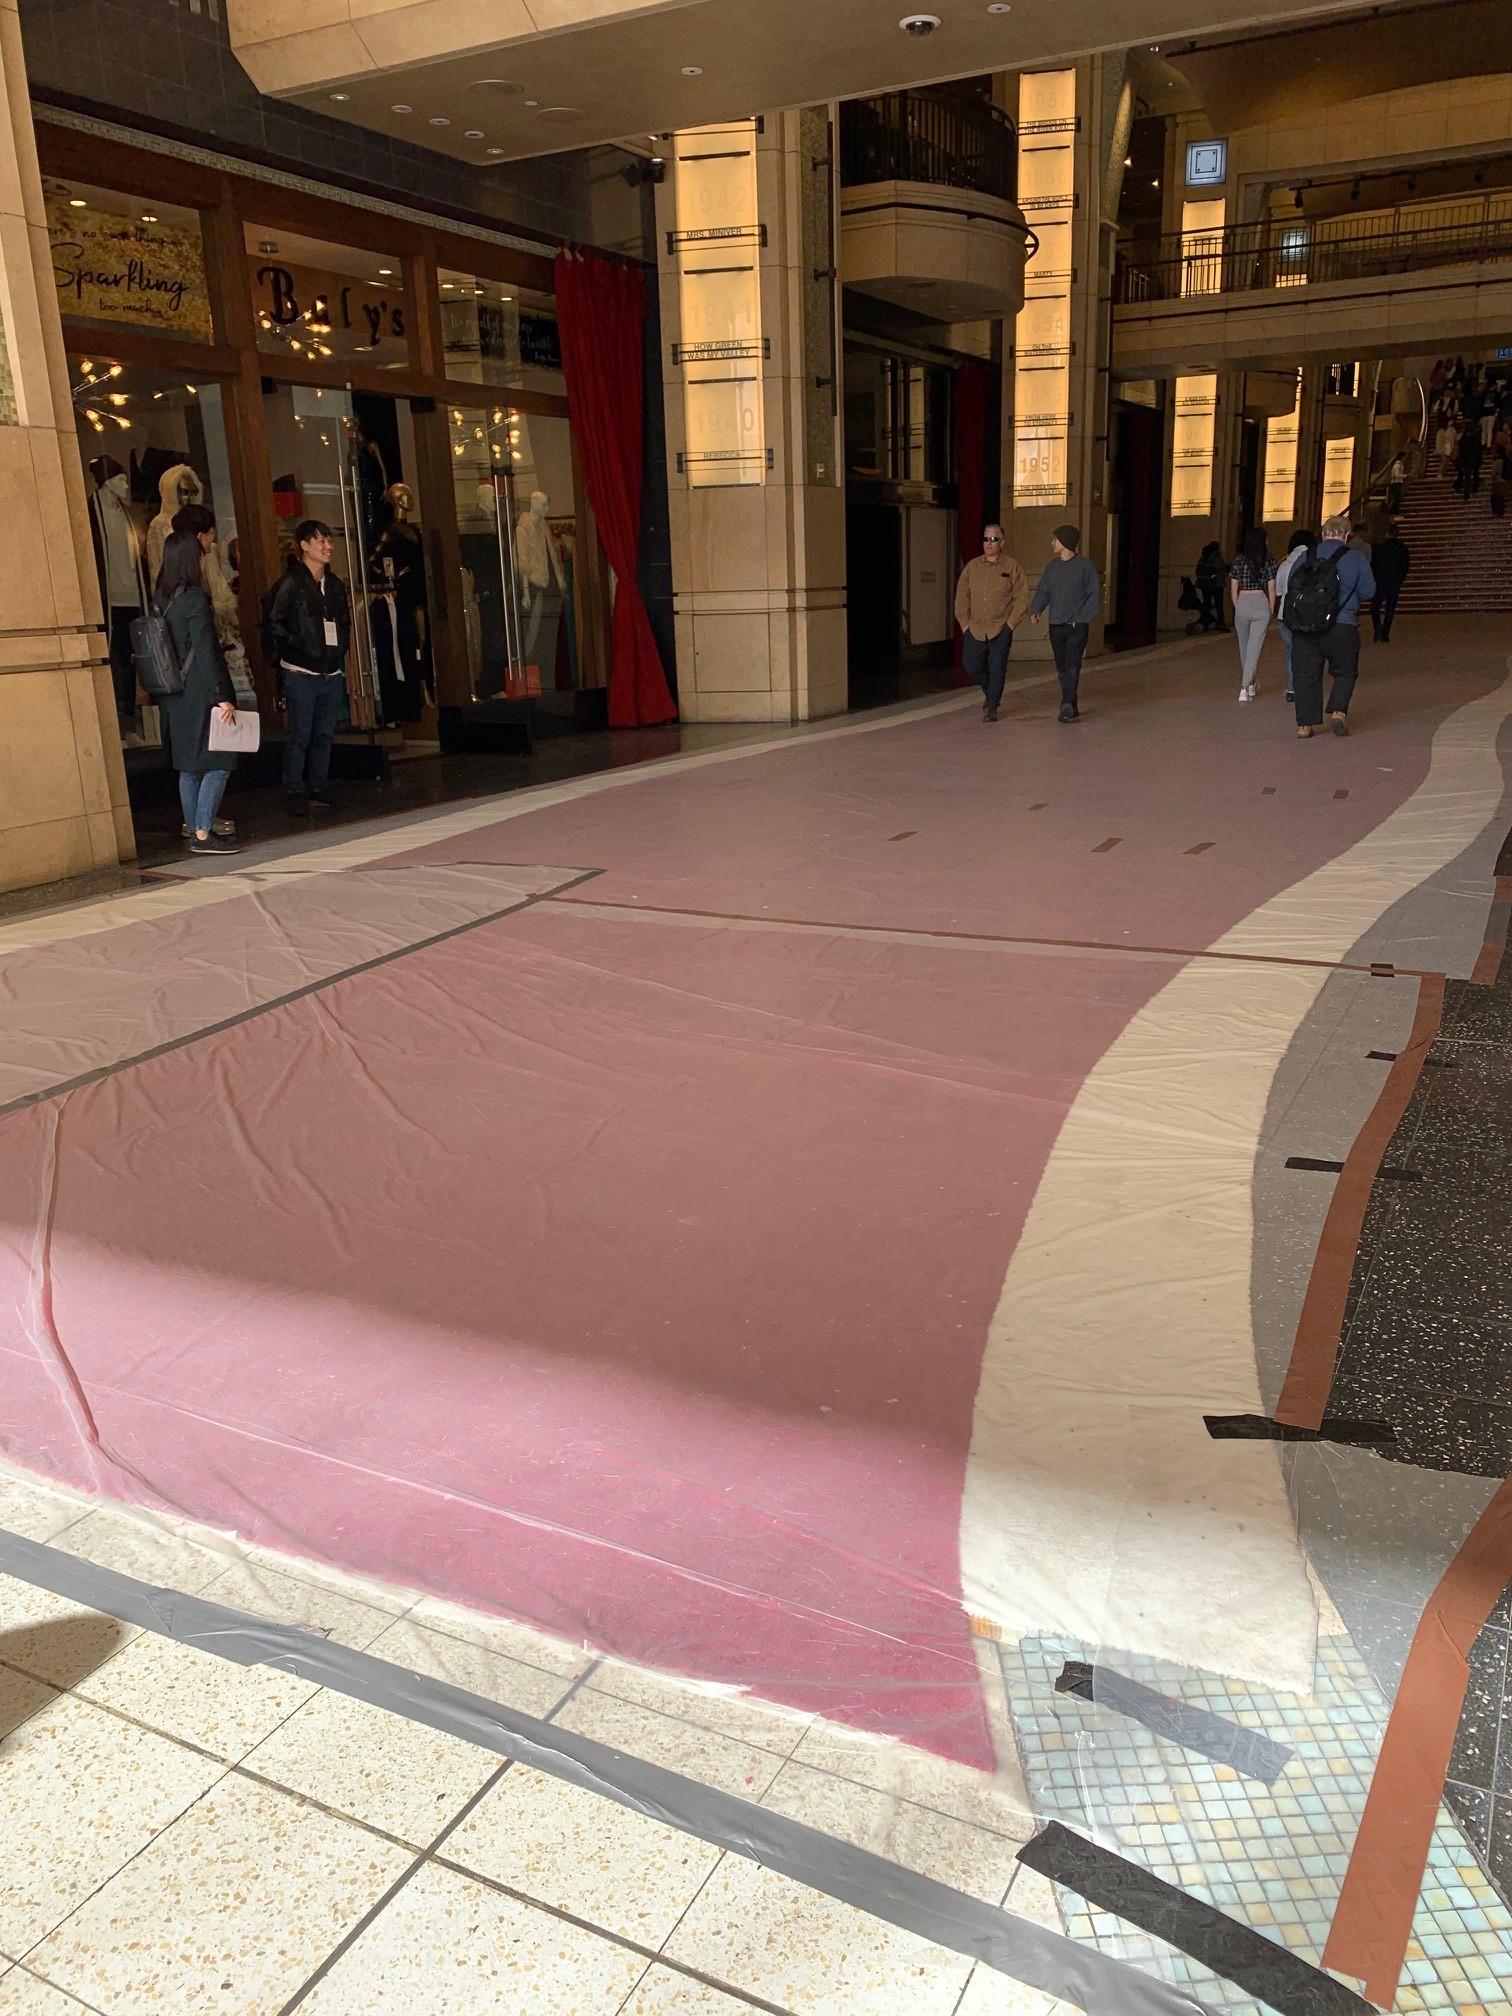 劇院內走道紅地毯大部分已鋪設完成,暫時先以塑膠套覆蓋。記者史琇逸攝